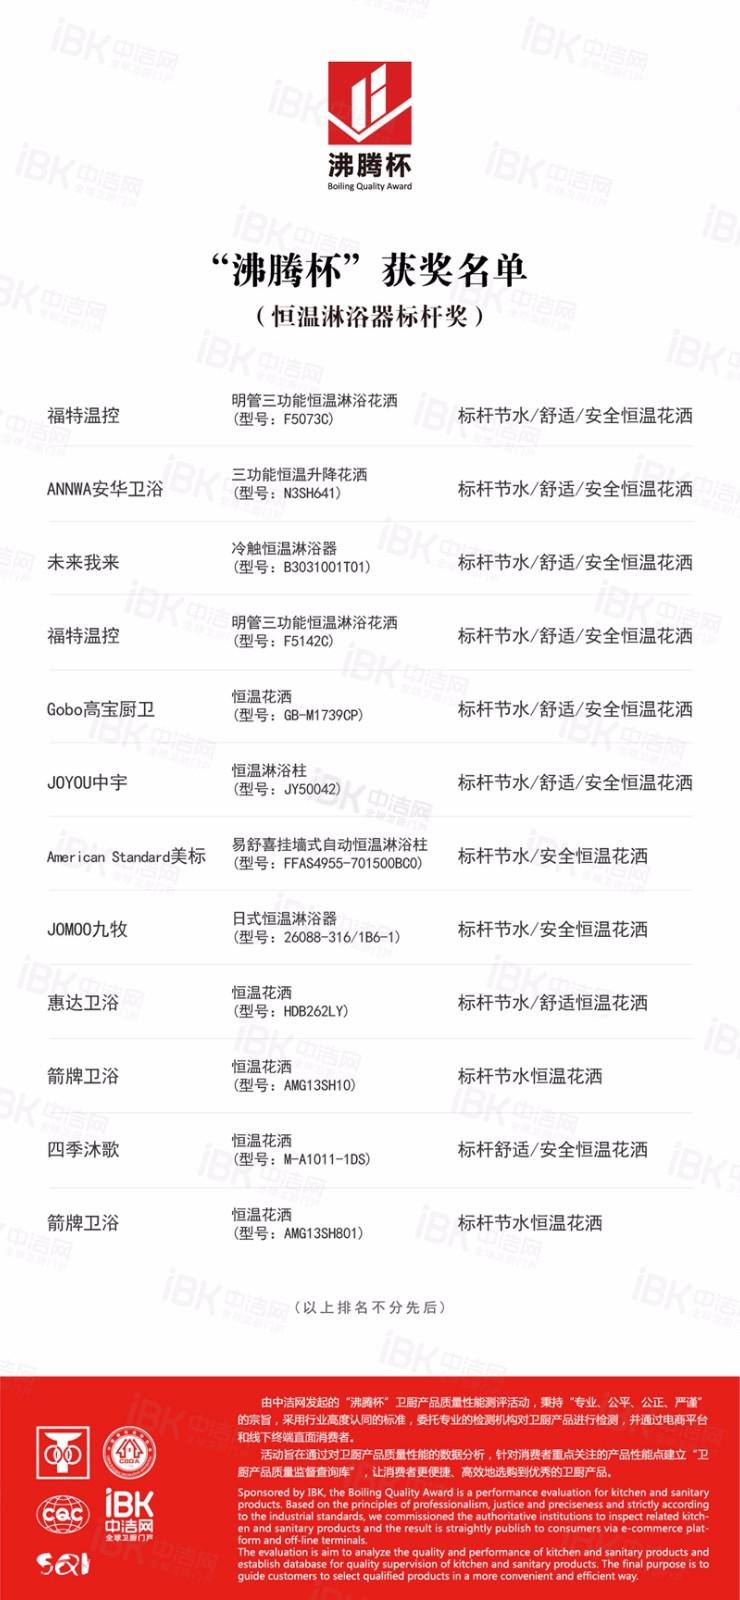 2019沸腾杯-恒温淋浴器-标杆奖_副本.jpg